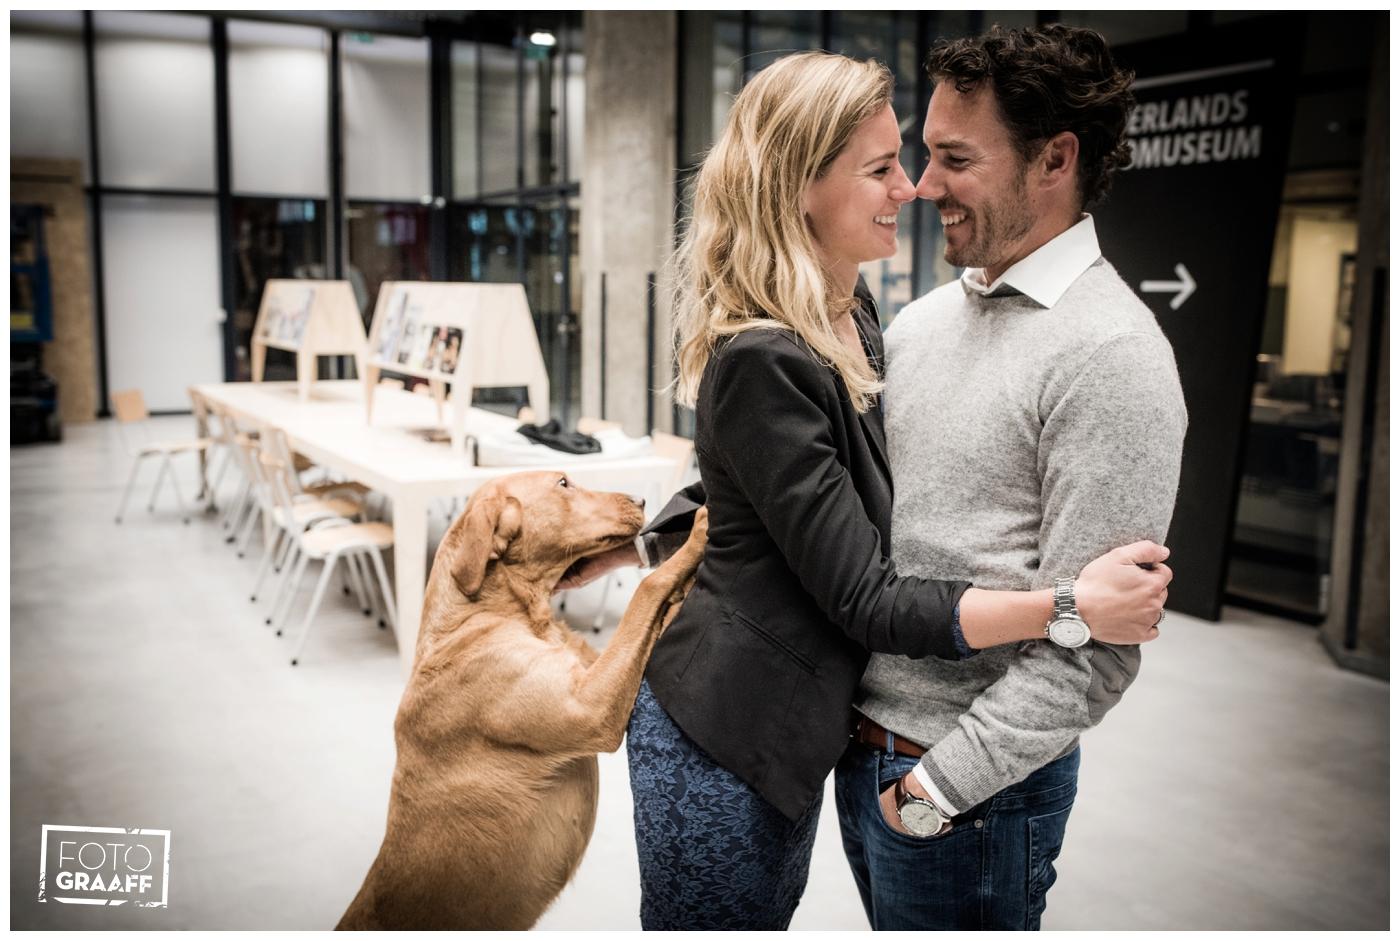 loveshoot rotterdam met de hond_1460